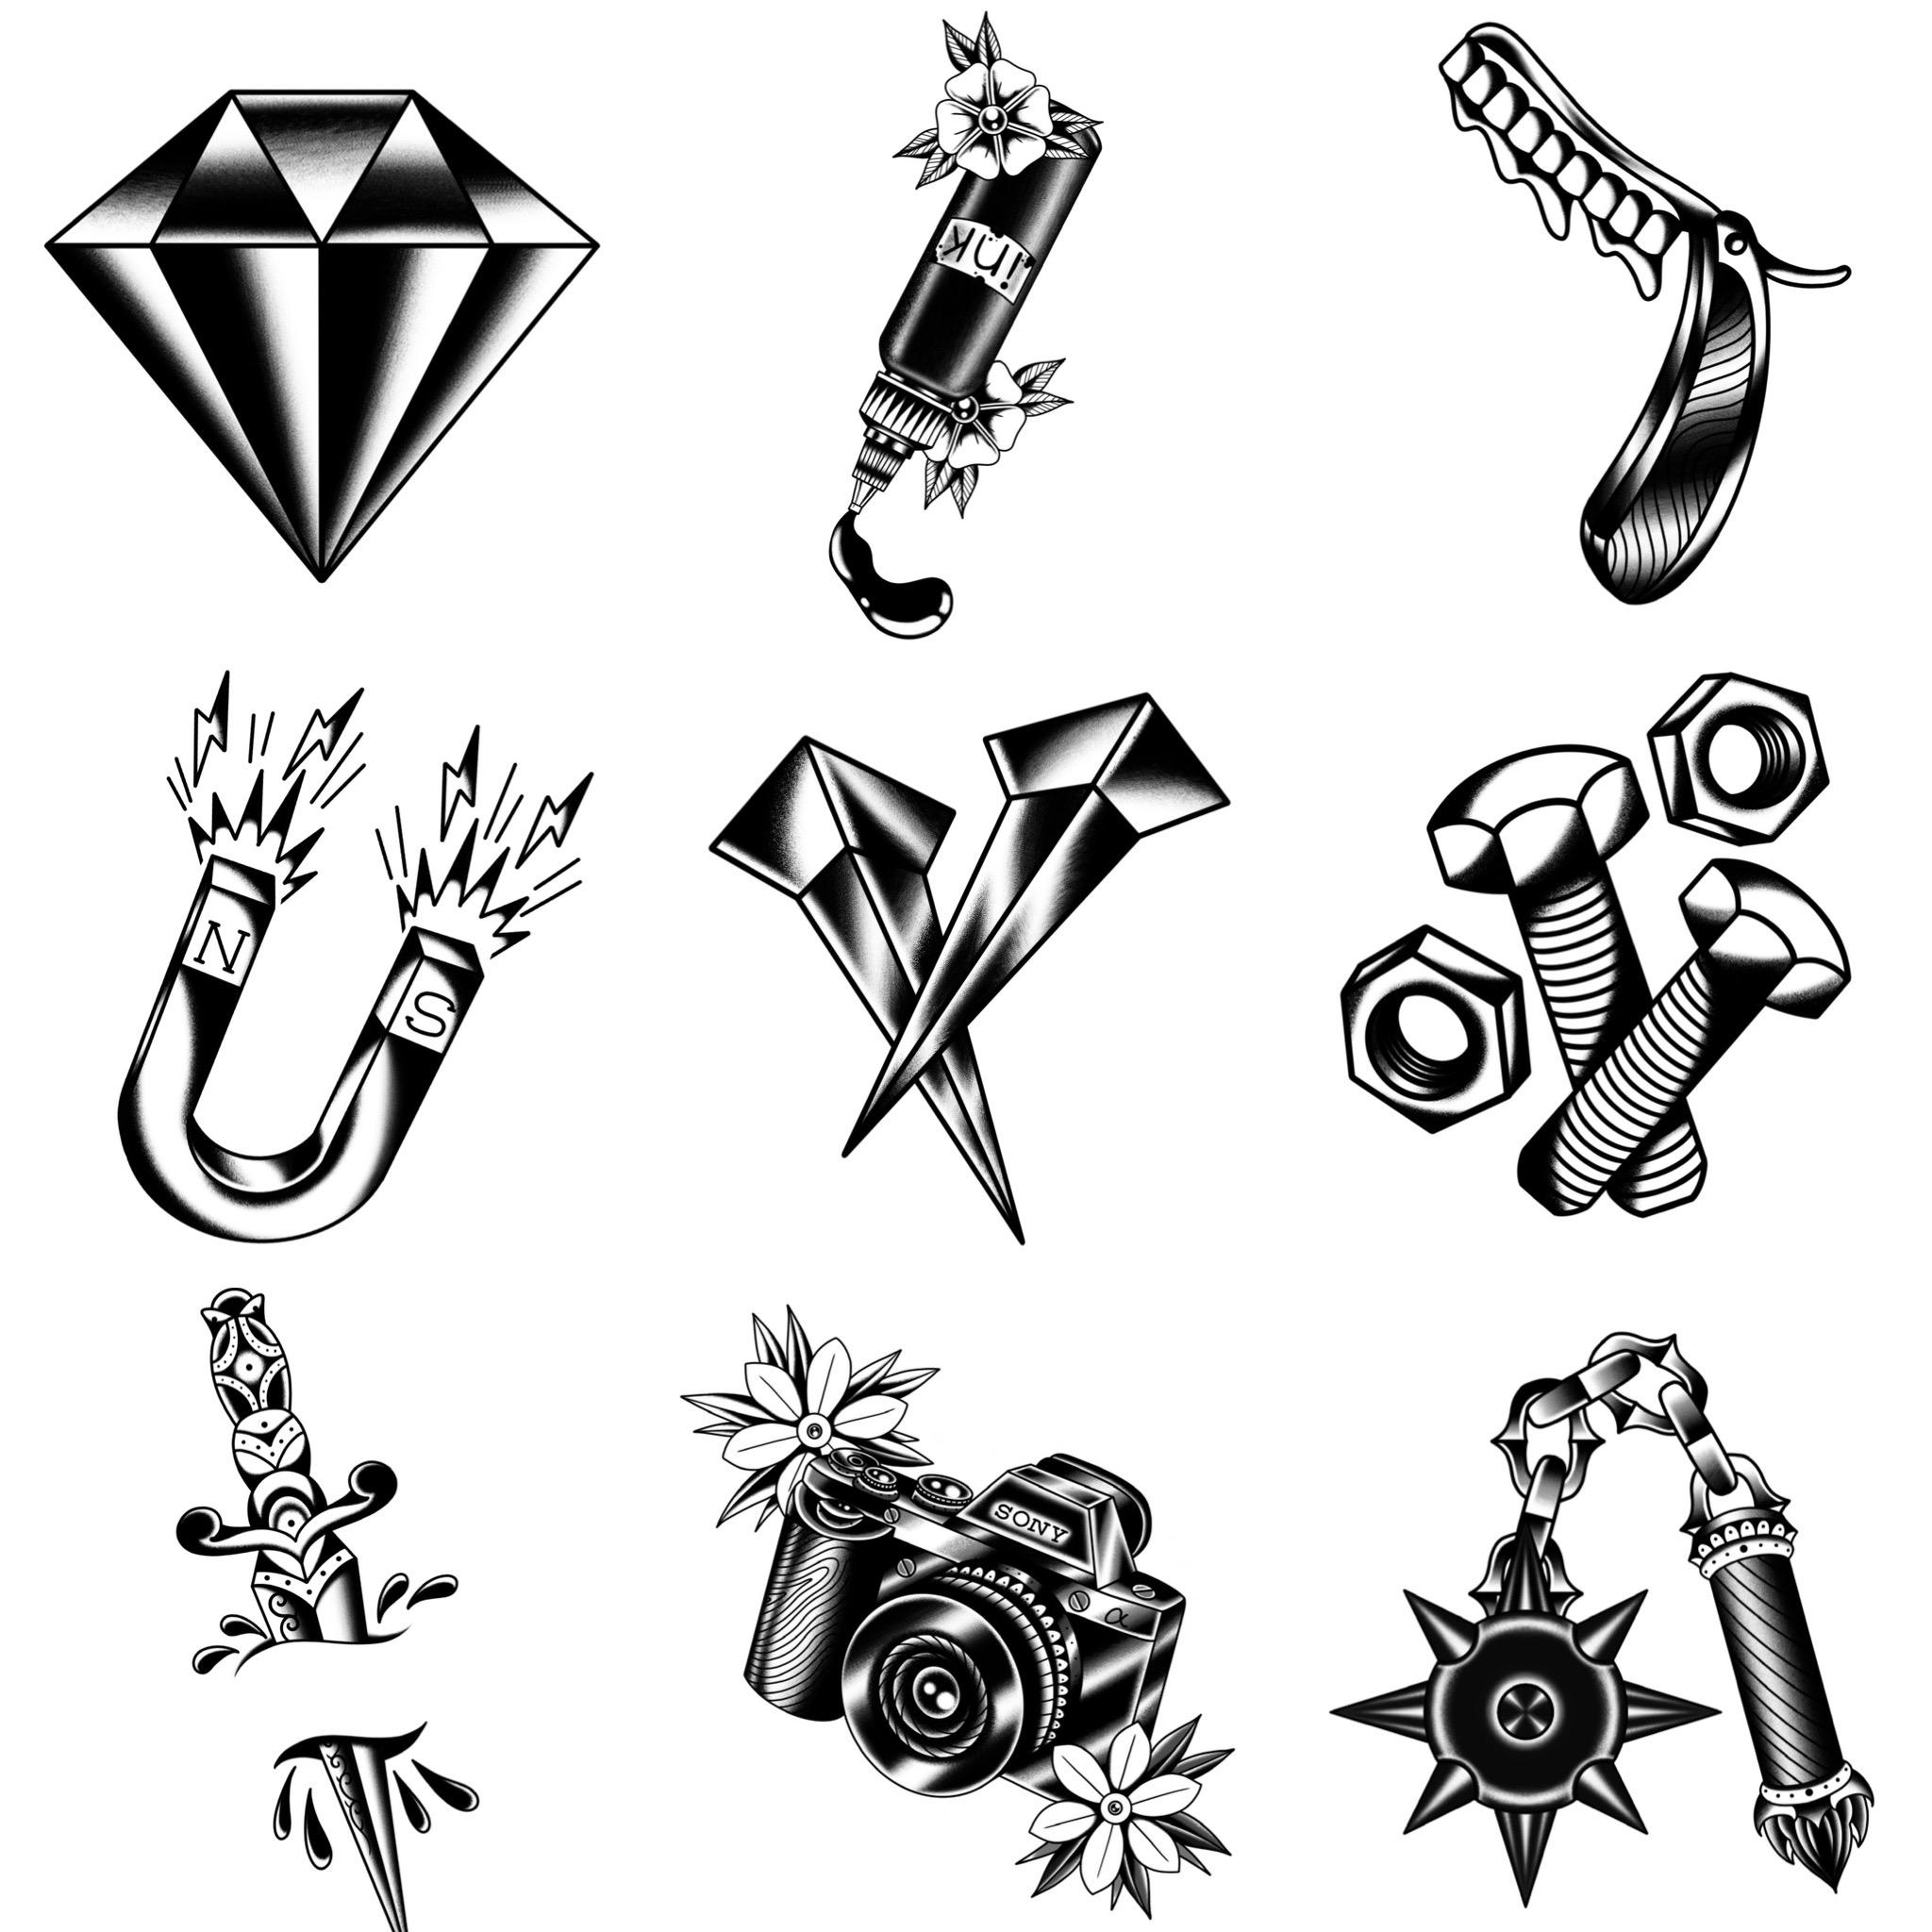 ブラックトラディショナル アイデアの効いたデザイン タトゥーデザイン トラディショナル 《東京タトゥースタジオ》